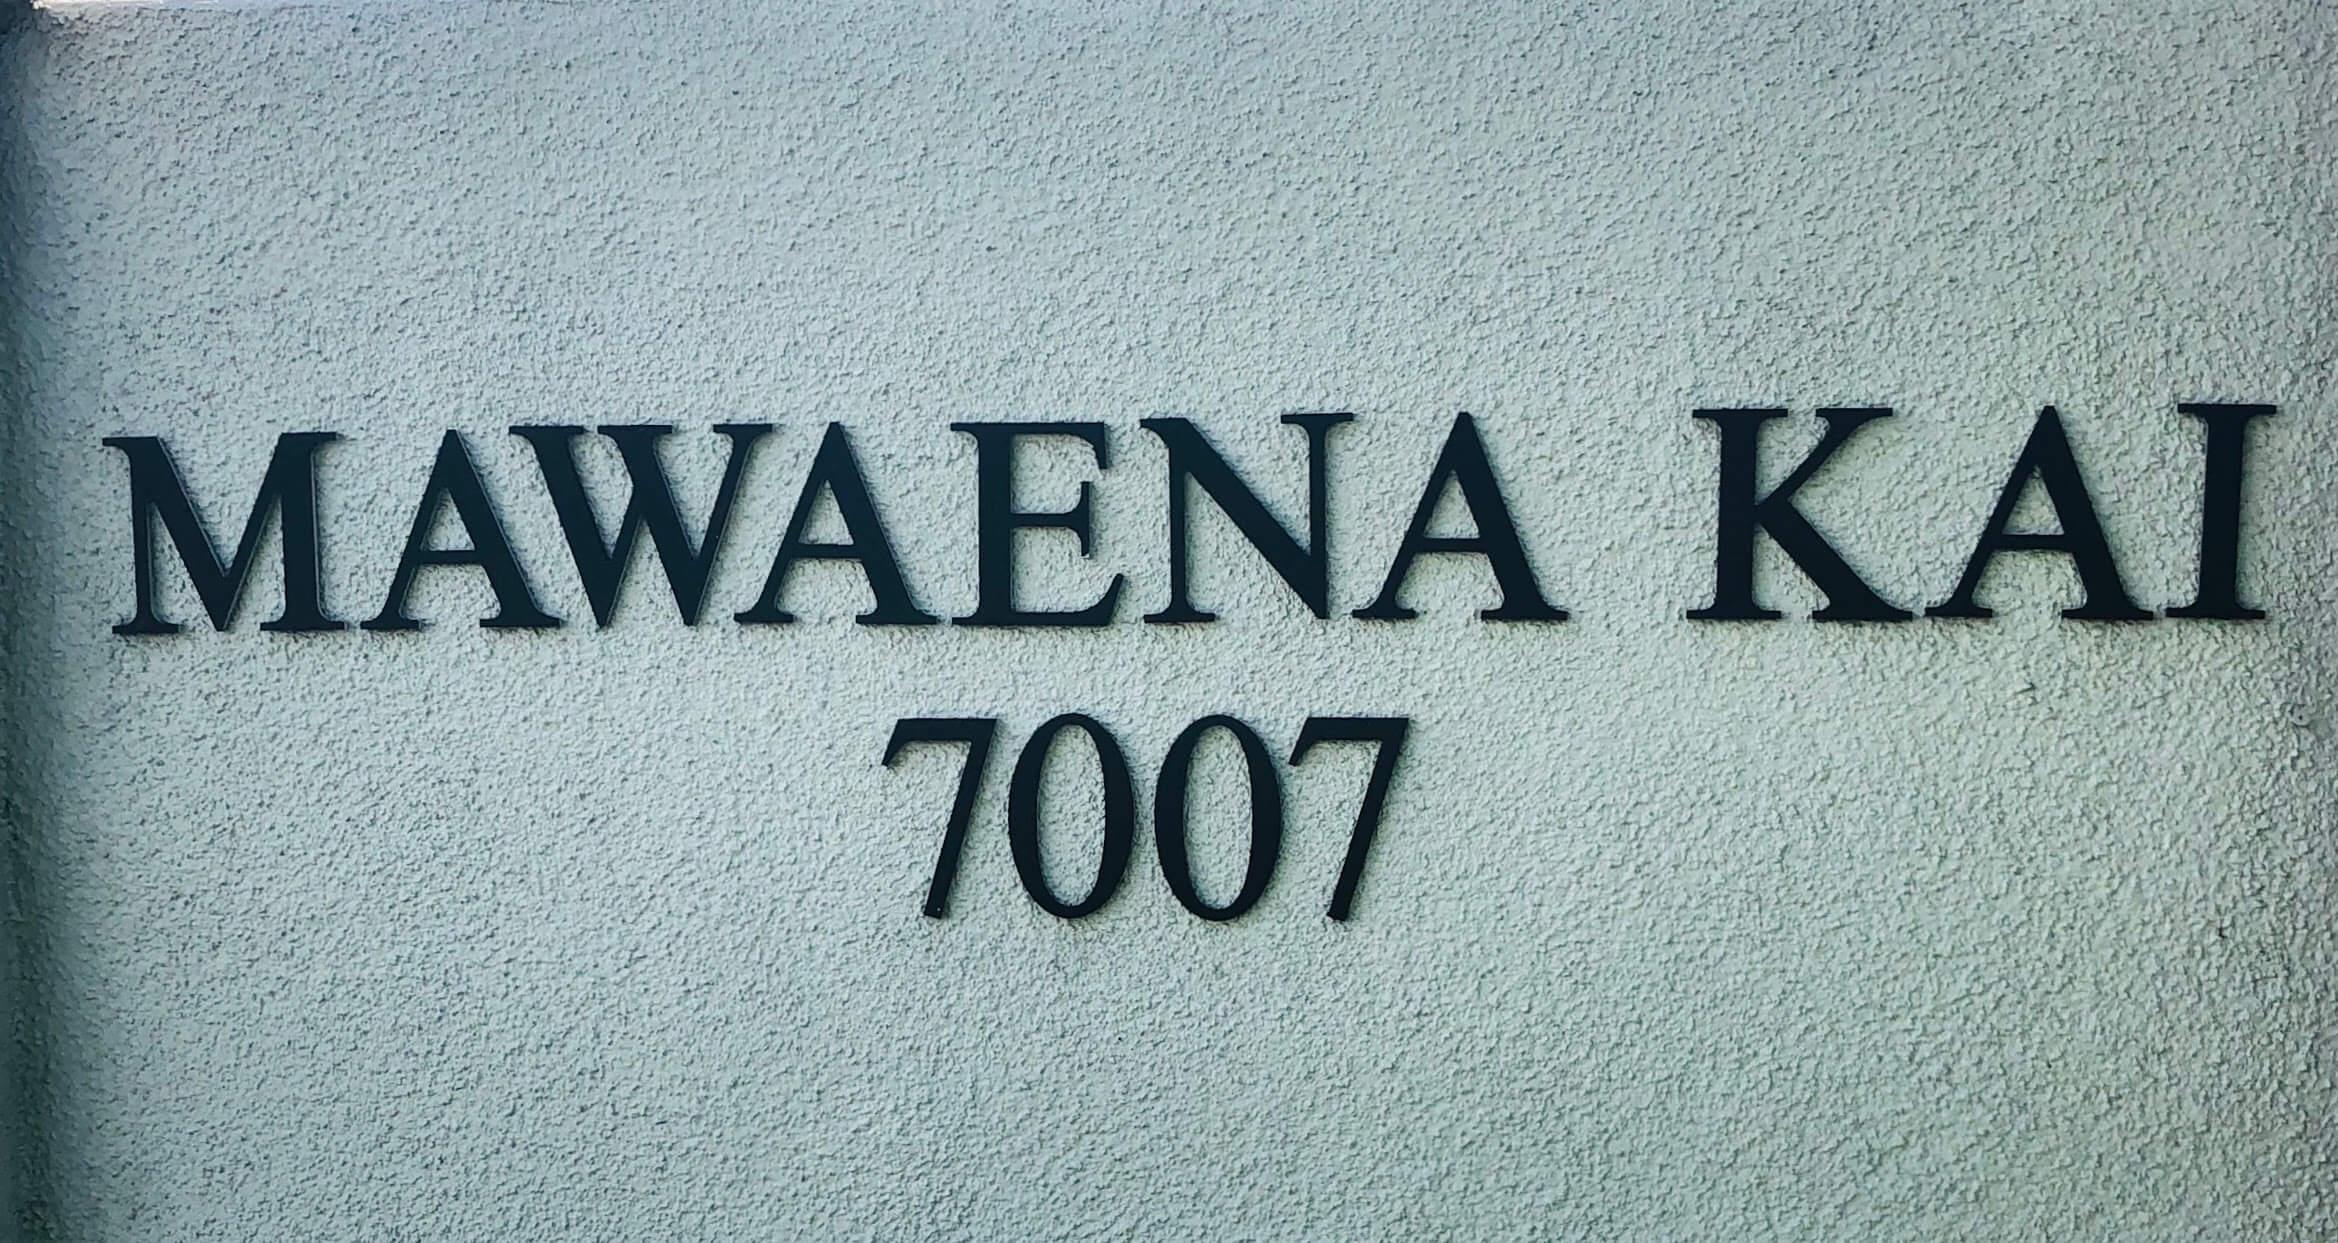 Mawaena Kaiの看板